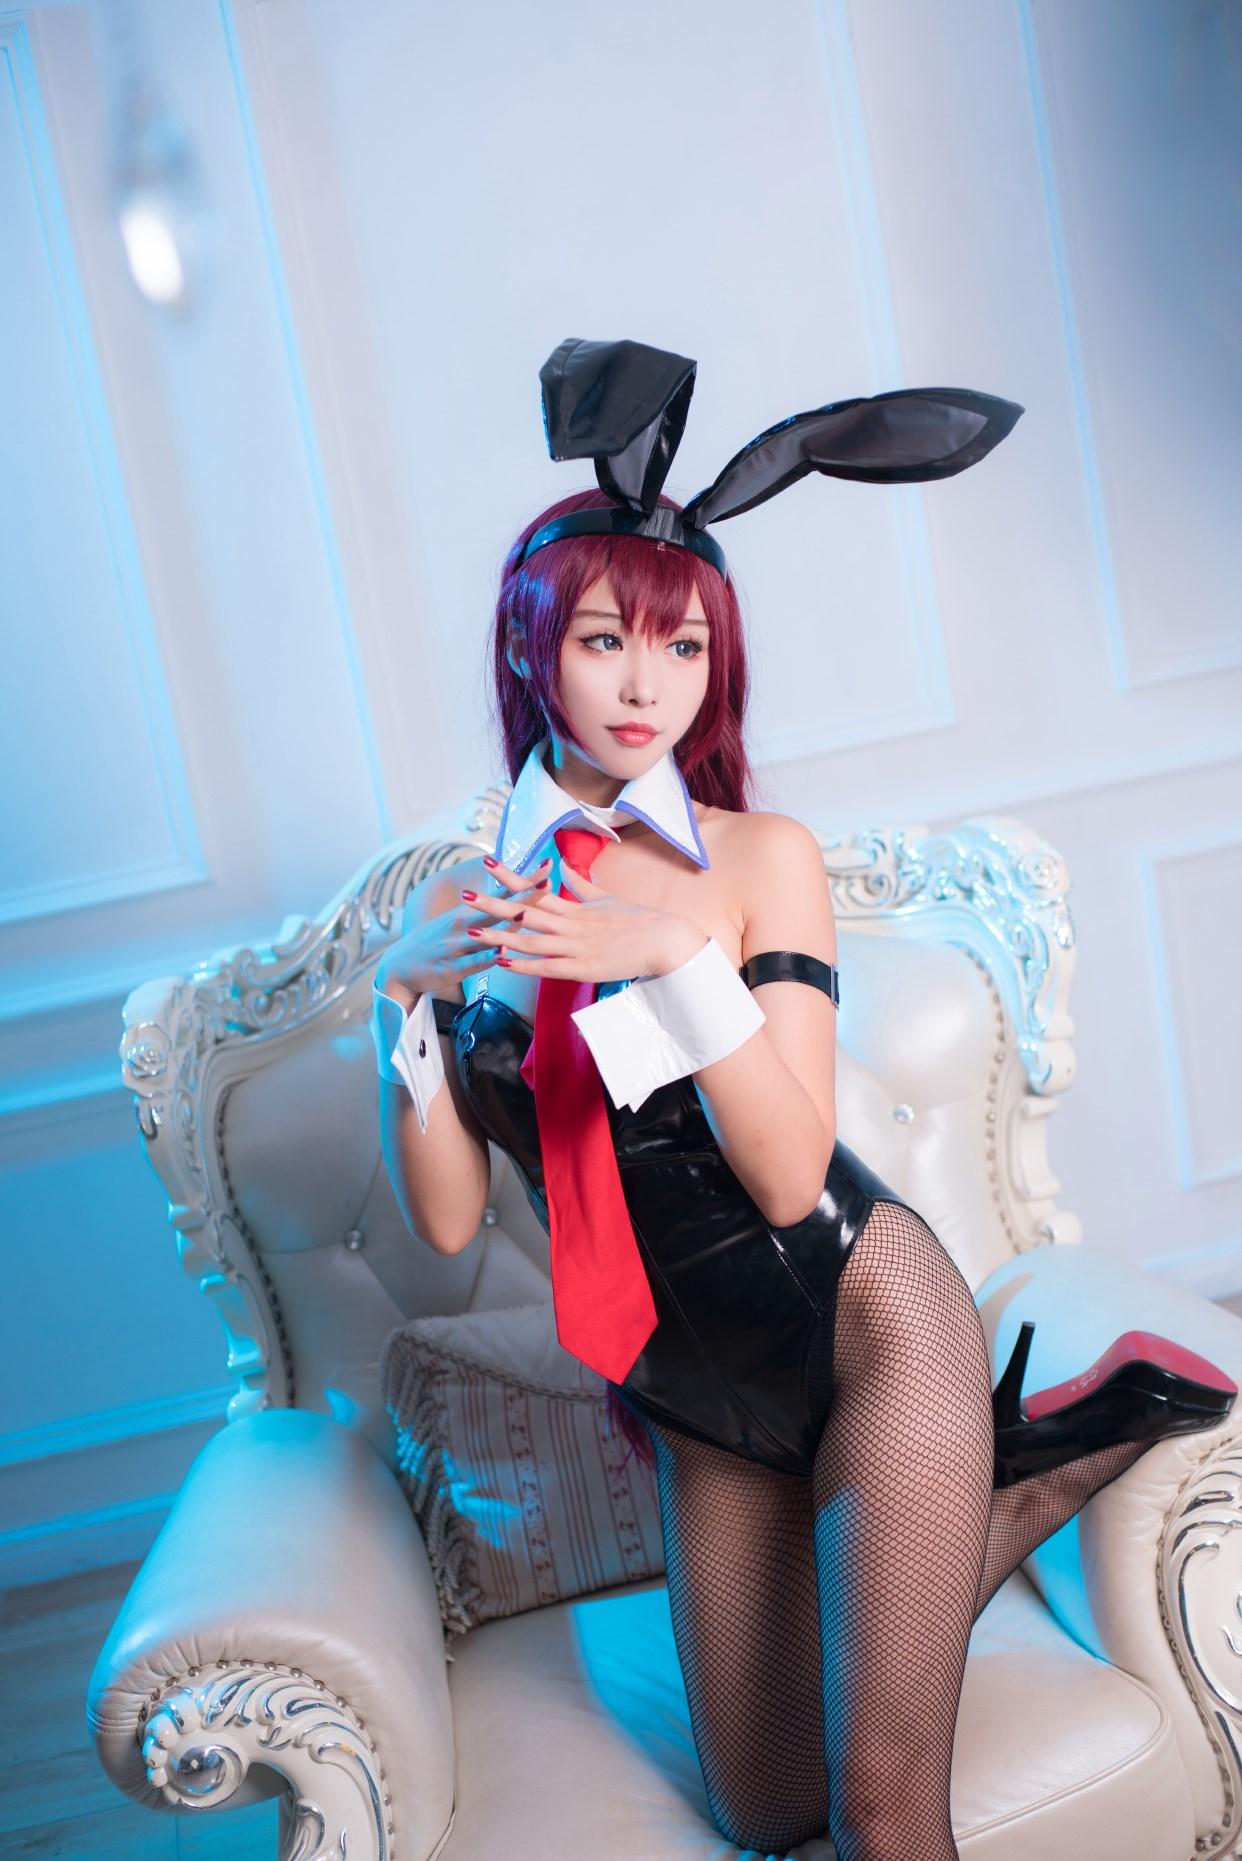 【兔玩映画】兔女郎vol.23-助手 兔玩映画 第22张